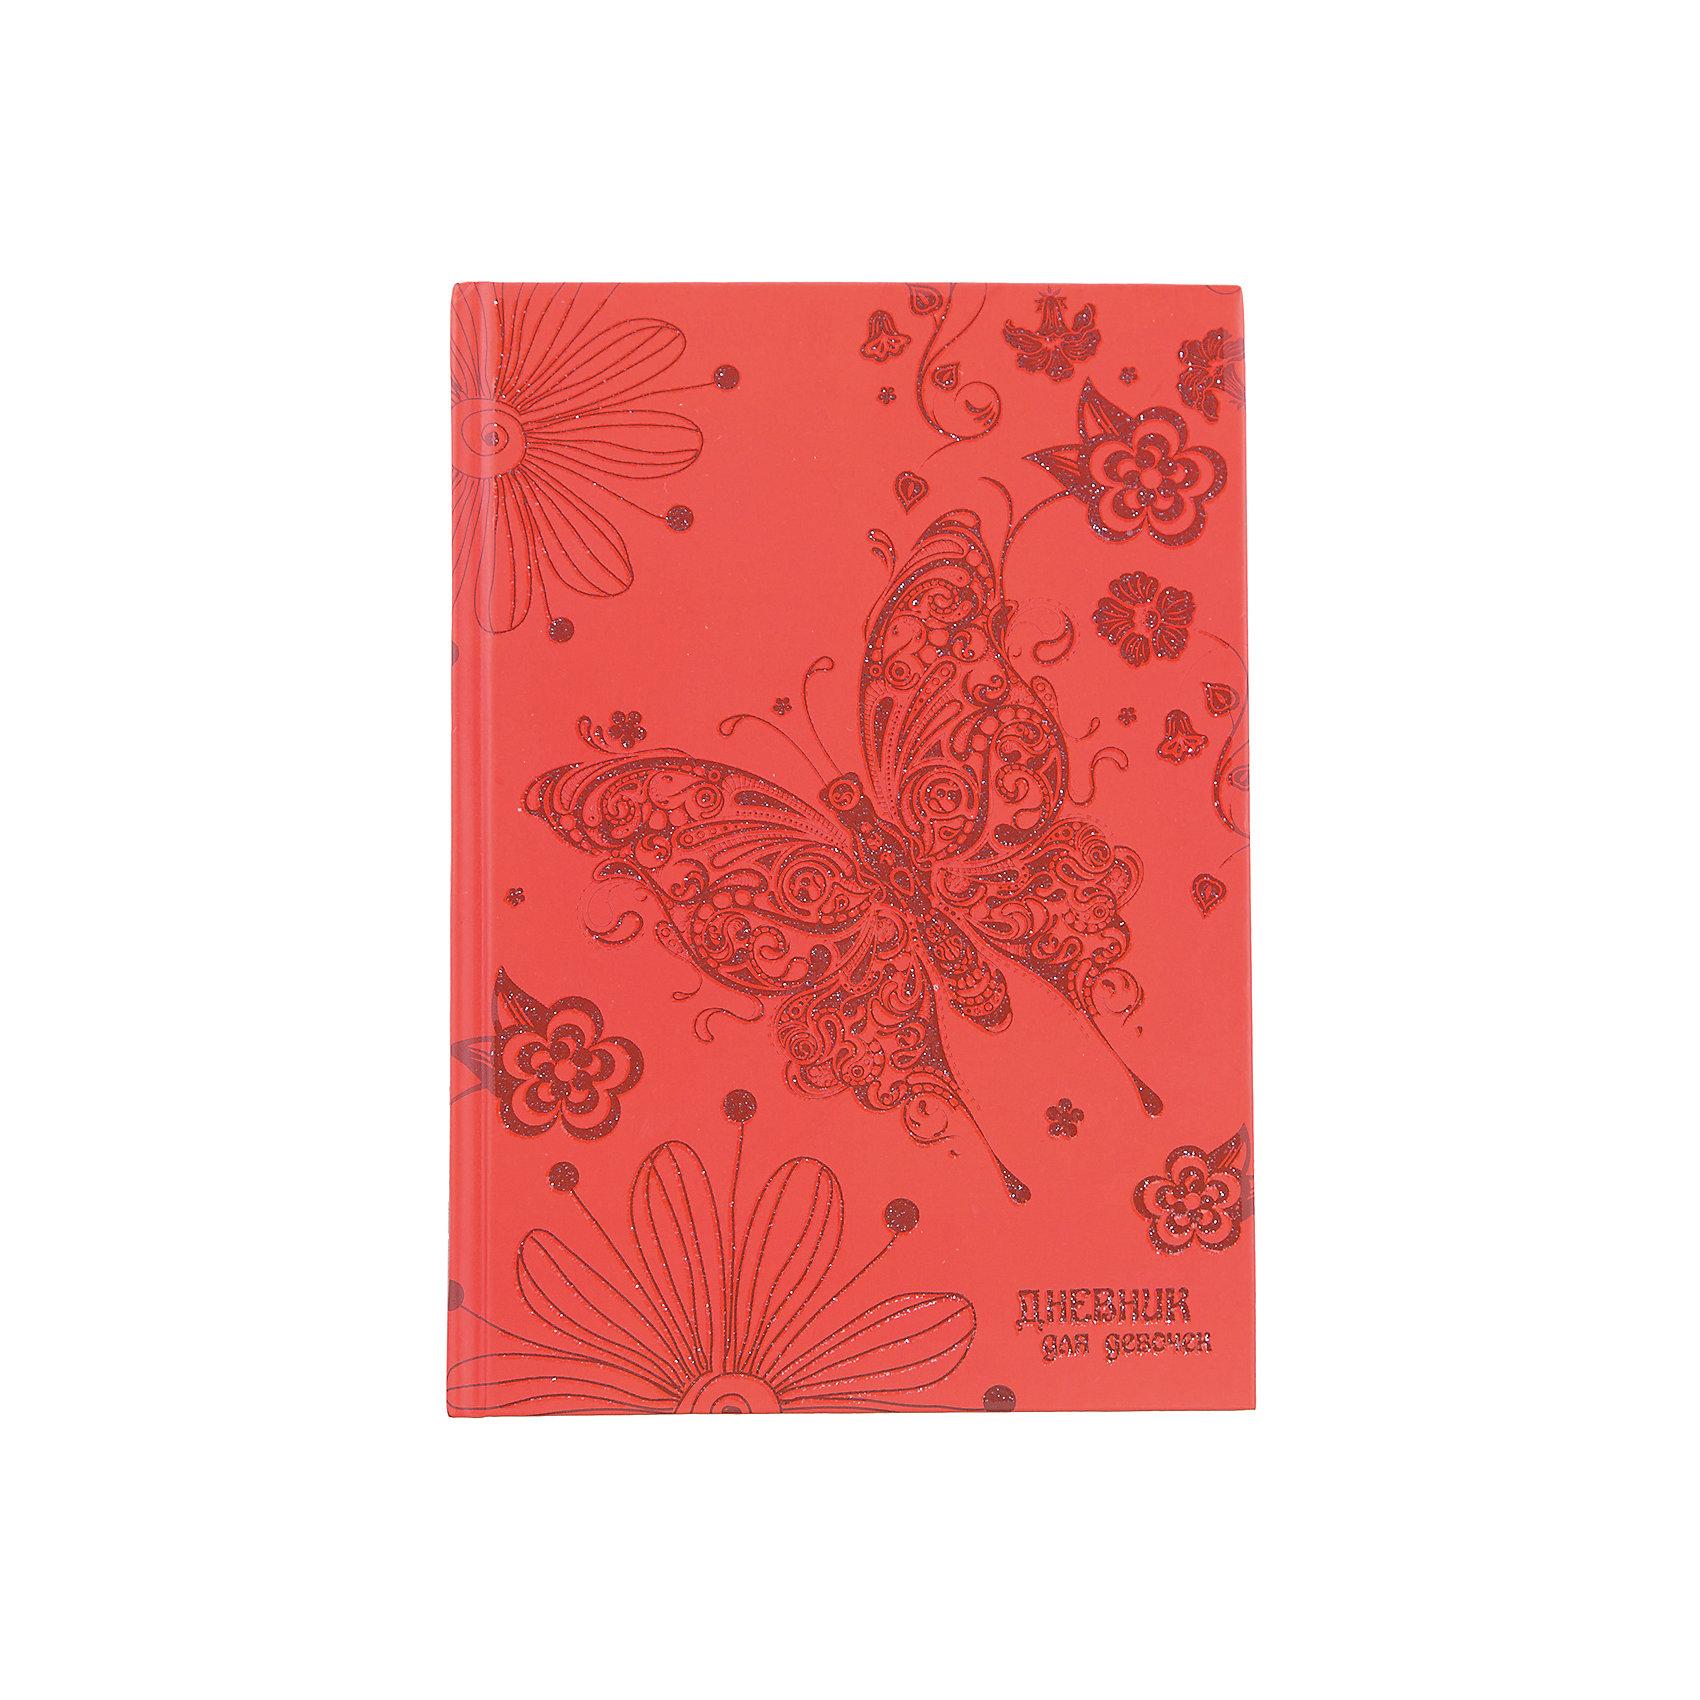 Дневник для девочек в твердом переплете формата А5, декорированном глиттером Бабочка. 80 листовБумажная продукция<br>Характеристики товара:<br><br>• возраст: от 6 лет;<br>• цвет: терракотовый;<br>• формат: А5;<br>• количество листов: 80;<br>• разметка: в линейку;<br>• бумага: офсетная;<br>• переплет: твердый;<br>• обложка: картон;<br>• размер: 20,6х14,6х1,1 см.;<br>• вес: 225 гр.;<br>• страна бренда: Россия;<br>• страна изготовитель: Россия.<br><br>Дневник для девочек в твердом переплете формата А5, декорированном глиттером «Бабочка» поможет  записать яркие воспоминания или события из жизни, о которых не хотелось бы забывать, и ему можно доверить самые сокровенные мысли и желания.  <br><br>Имеет сшитый внутренний блок, состоящий из 80 листов тонированной бумаги плотностью 70г/кв.м. Прочная и приятная на ощупь обложка выполнена с использованием итальянских переплетных материалов, а оригинальный дизайн с блестками и рисунком придется по душе вашему ребенку и станет приятным подарком.<br><br>В дневнике на разноцветных страницах представлены гороскопы и описание характерных черт, присущих различным знакам зодиака, и различные тематические странички.<br><br>Дневник для девочек в твердом переплете формата А5, декорированном глиттером «Бабочка», 80 листов, можно купить в нашем интернет-магазине.<br><br>Ширина мм: 206<br>Глубина мм: 146<br>Высота мм: 11<br>Вес г: 200<br>Возраст от месяцев: 36<br>Возраст до месяцев: 216<br>Пол: Женский<br>Возраст: Детский<br>SKU: 6992552